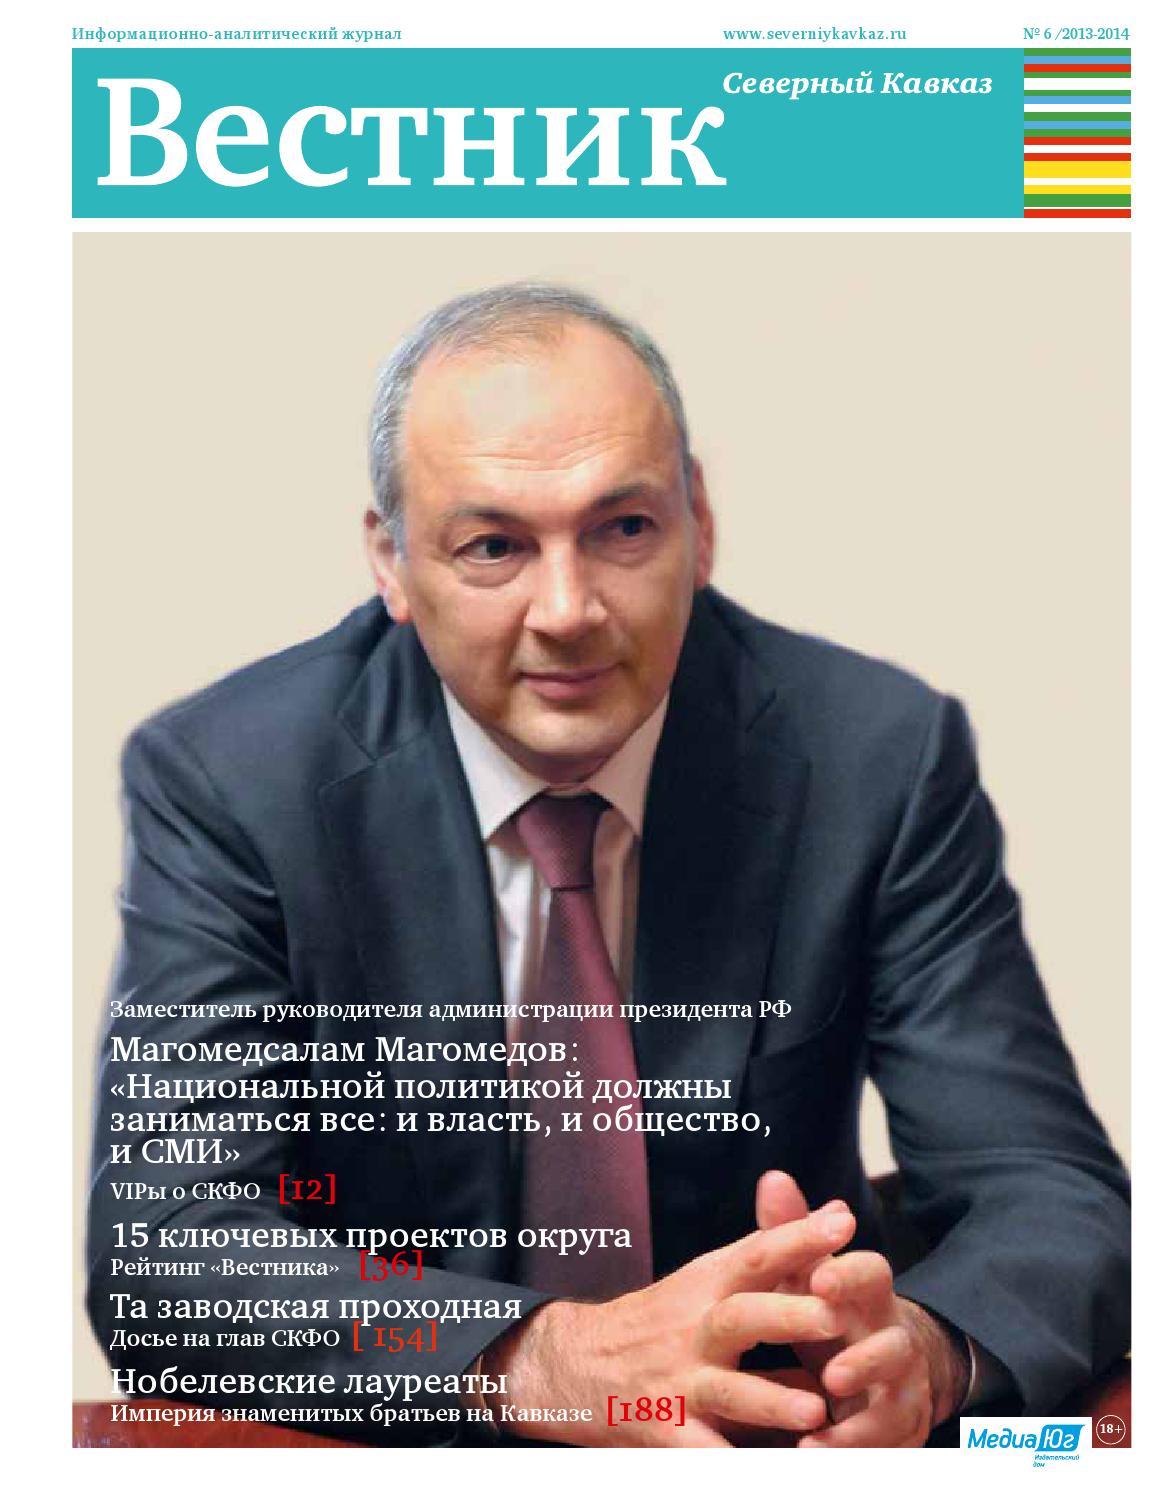 Vestnik Severniy Kavkaz  6-2013 by EuroMedia - issuu 62bff900952